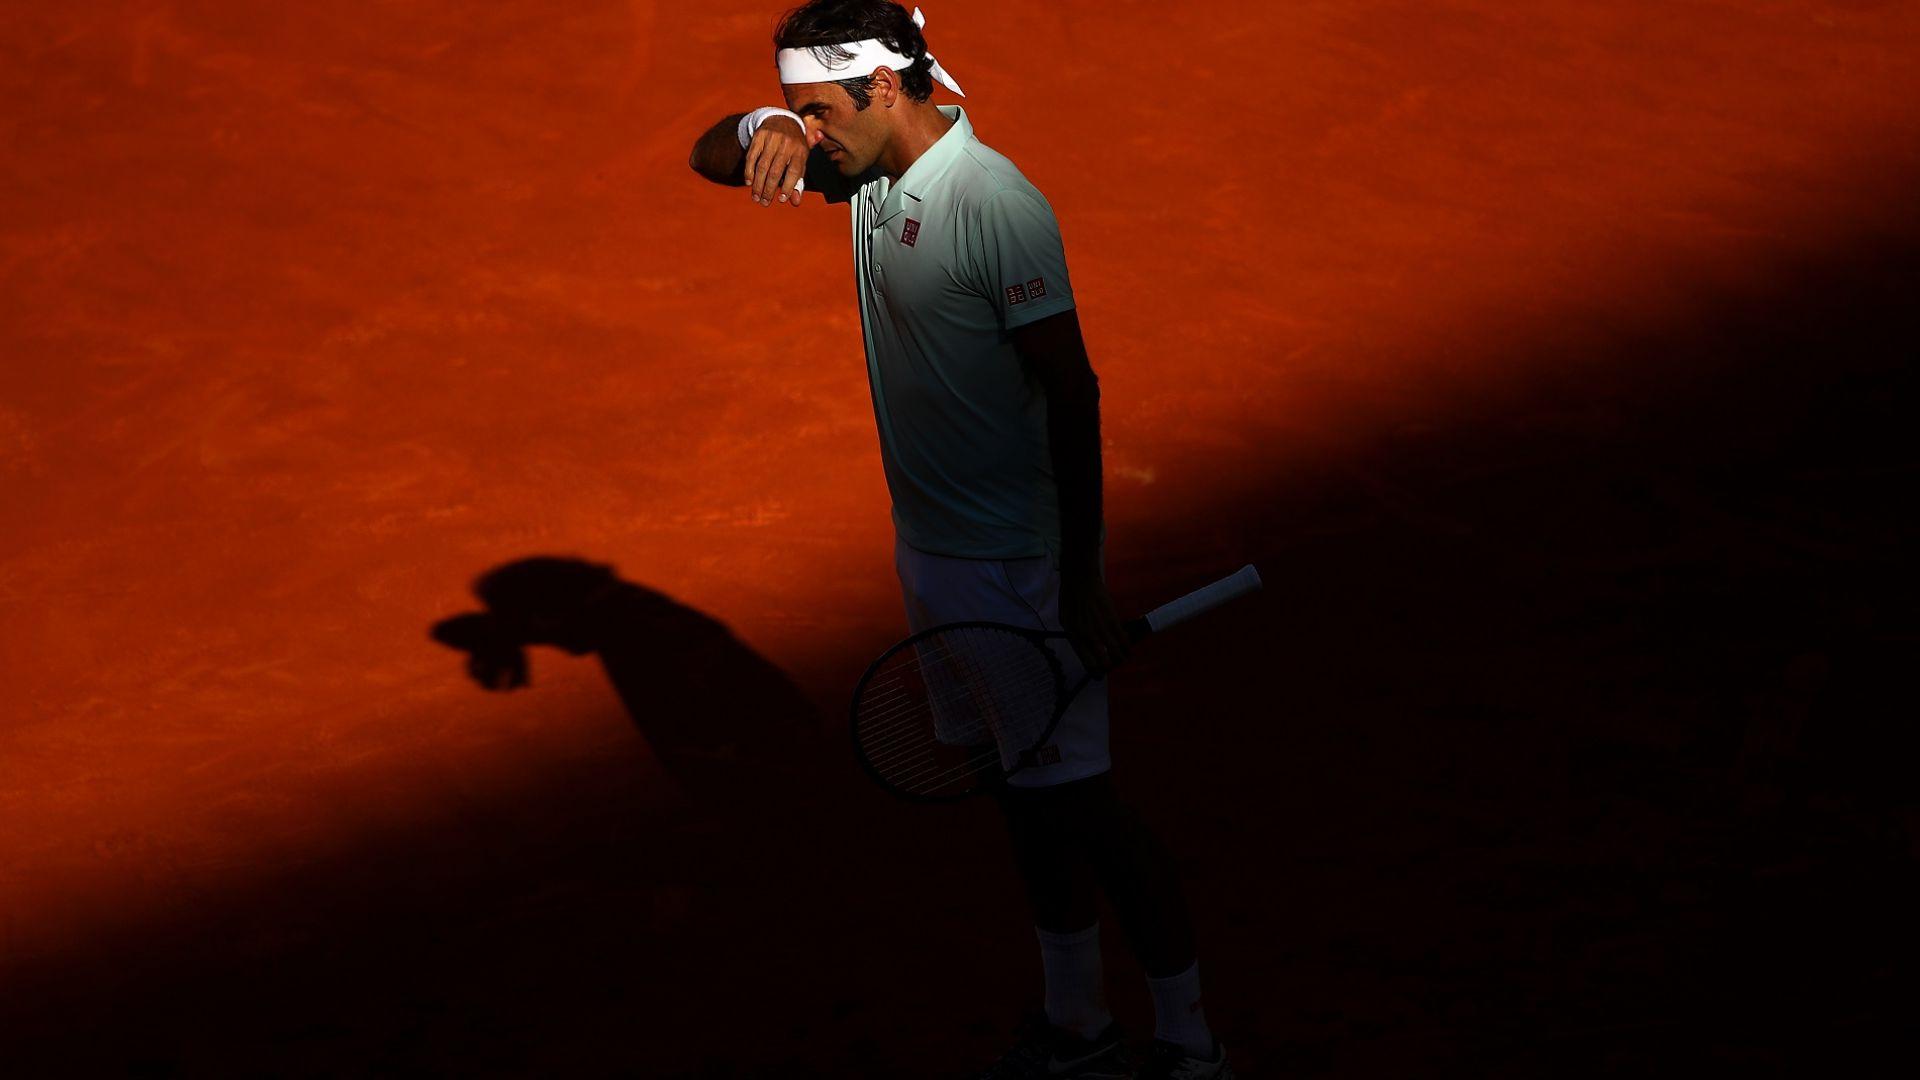 Федерер събра багажа след драматичен обрат